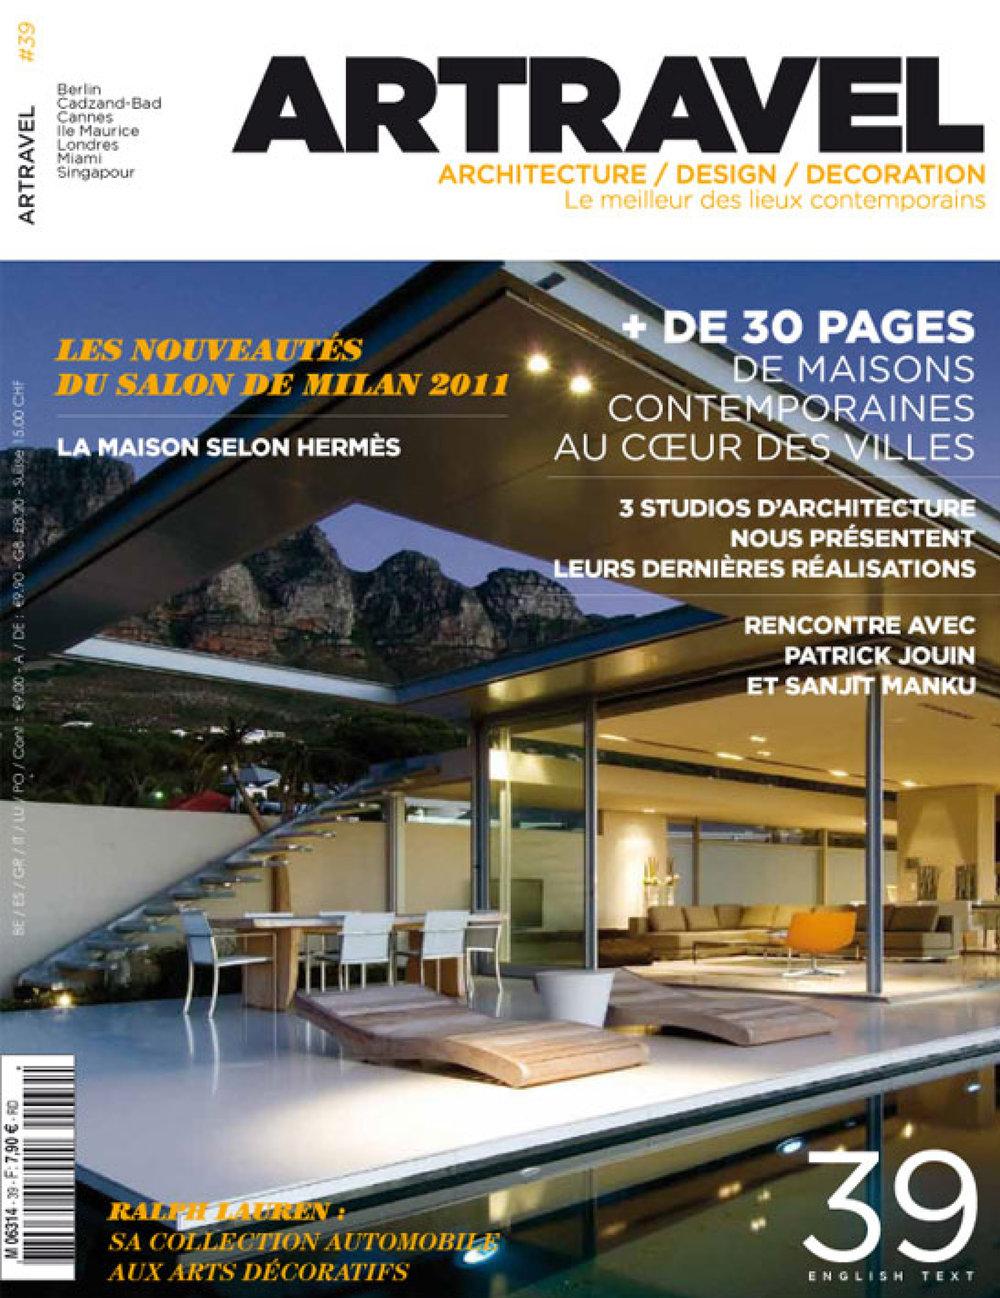 0711-ARTRAVEL COVER.jpg